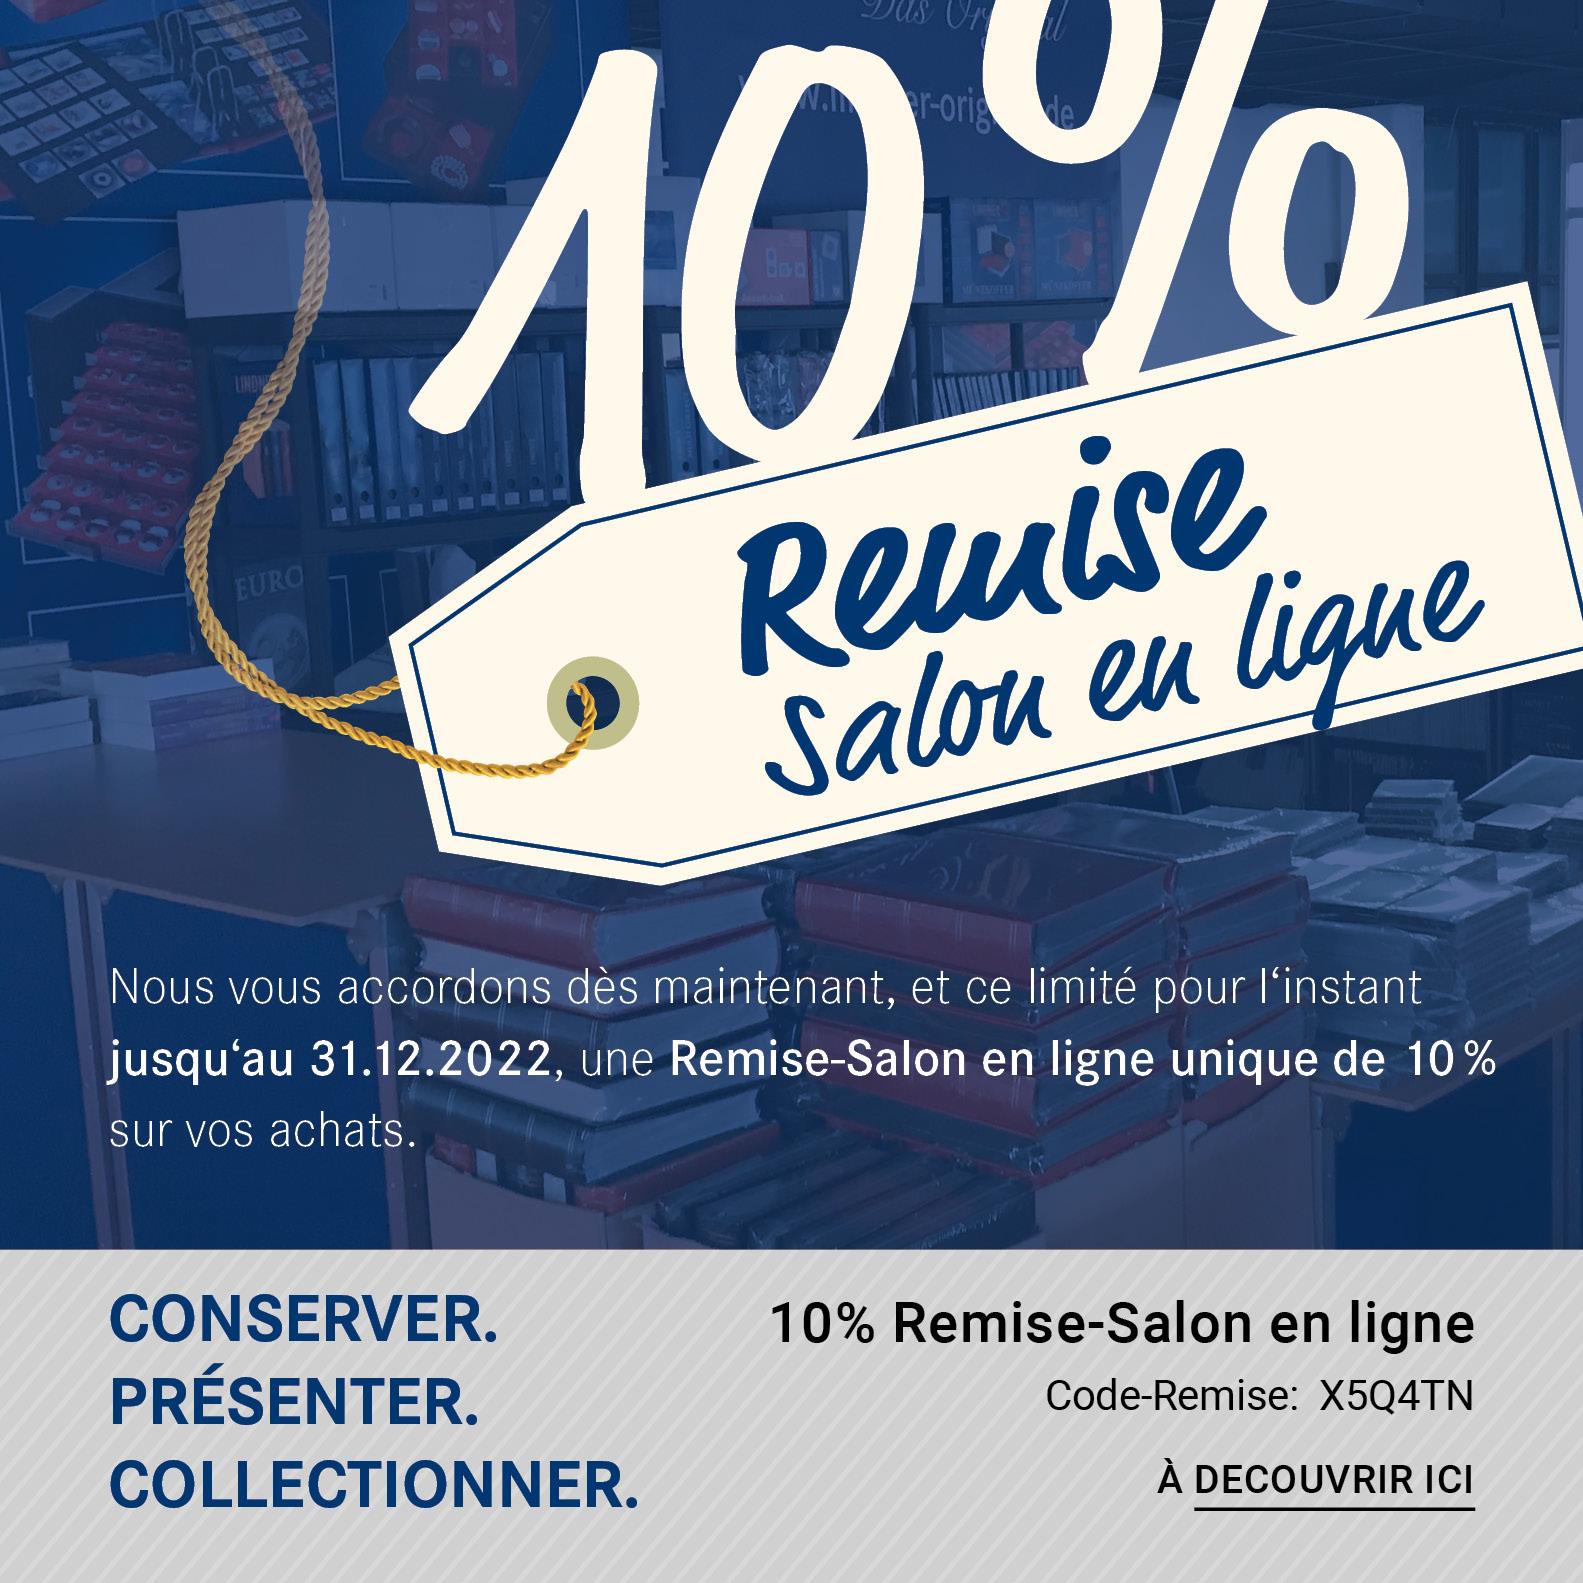 10% Remise-Salon en ligne